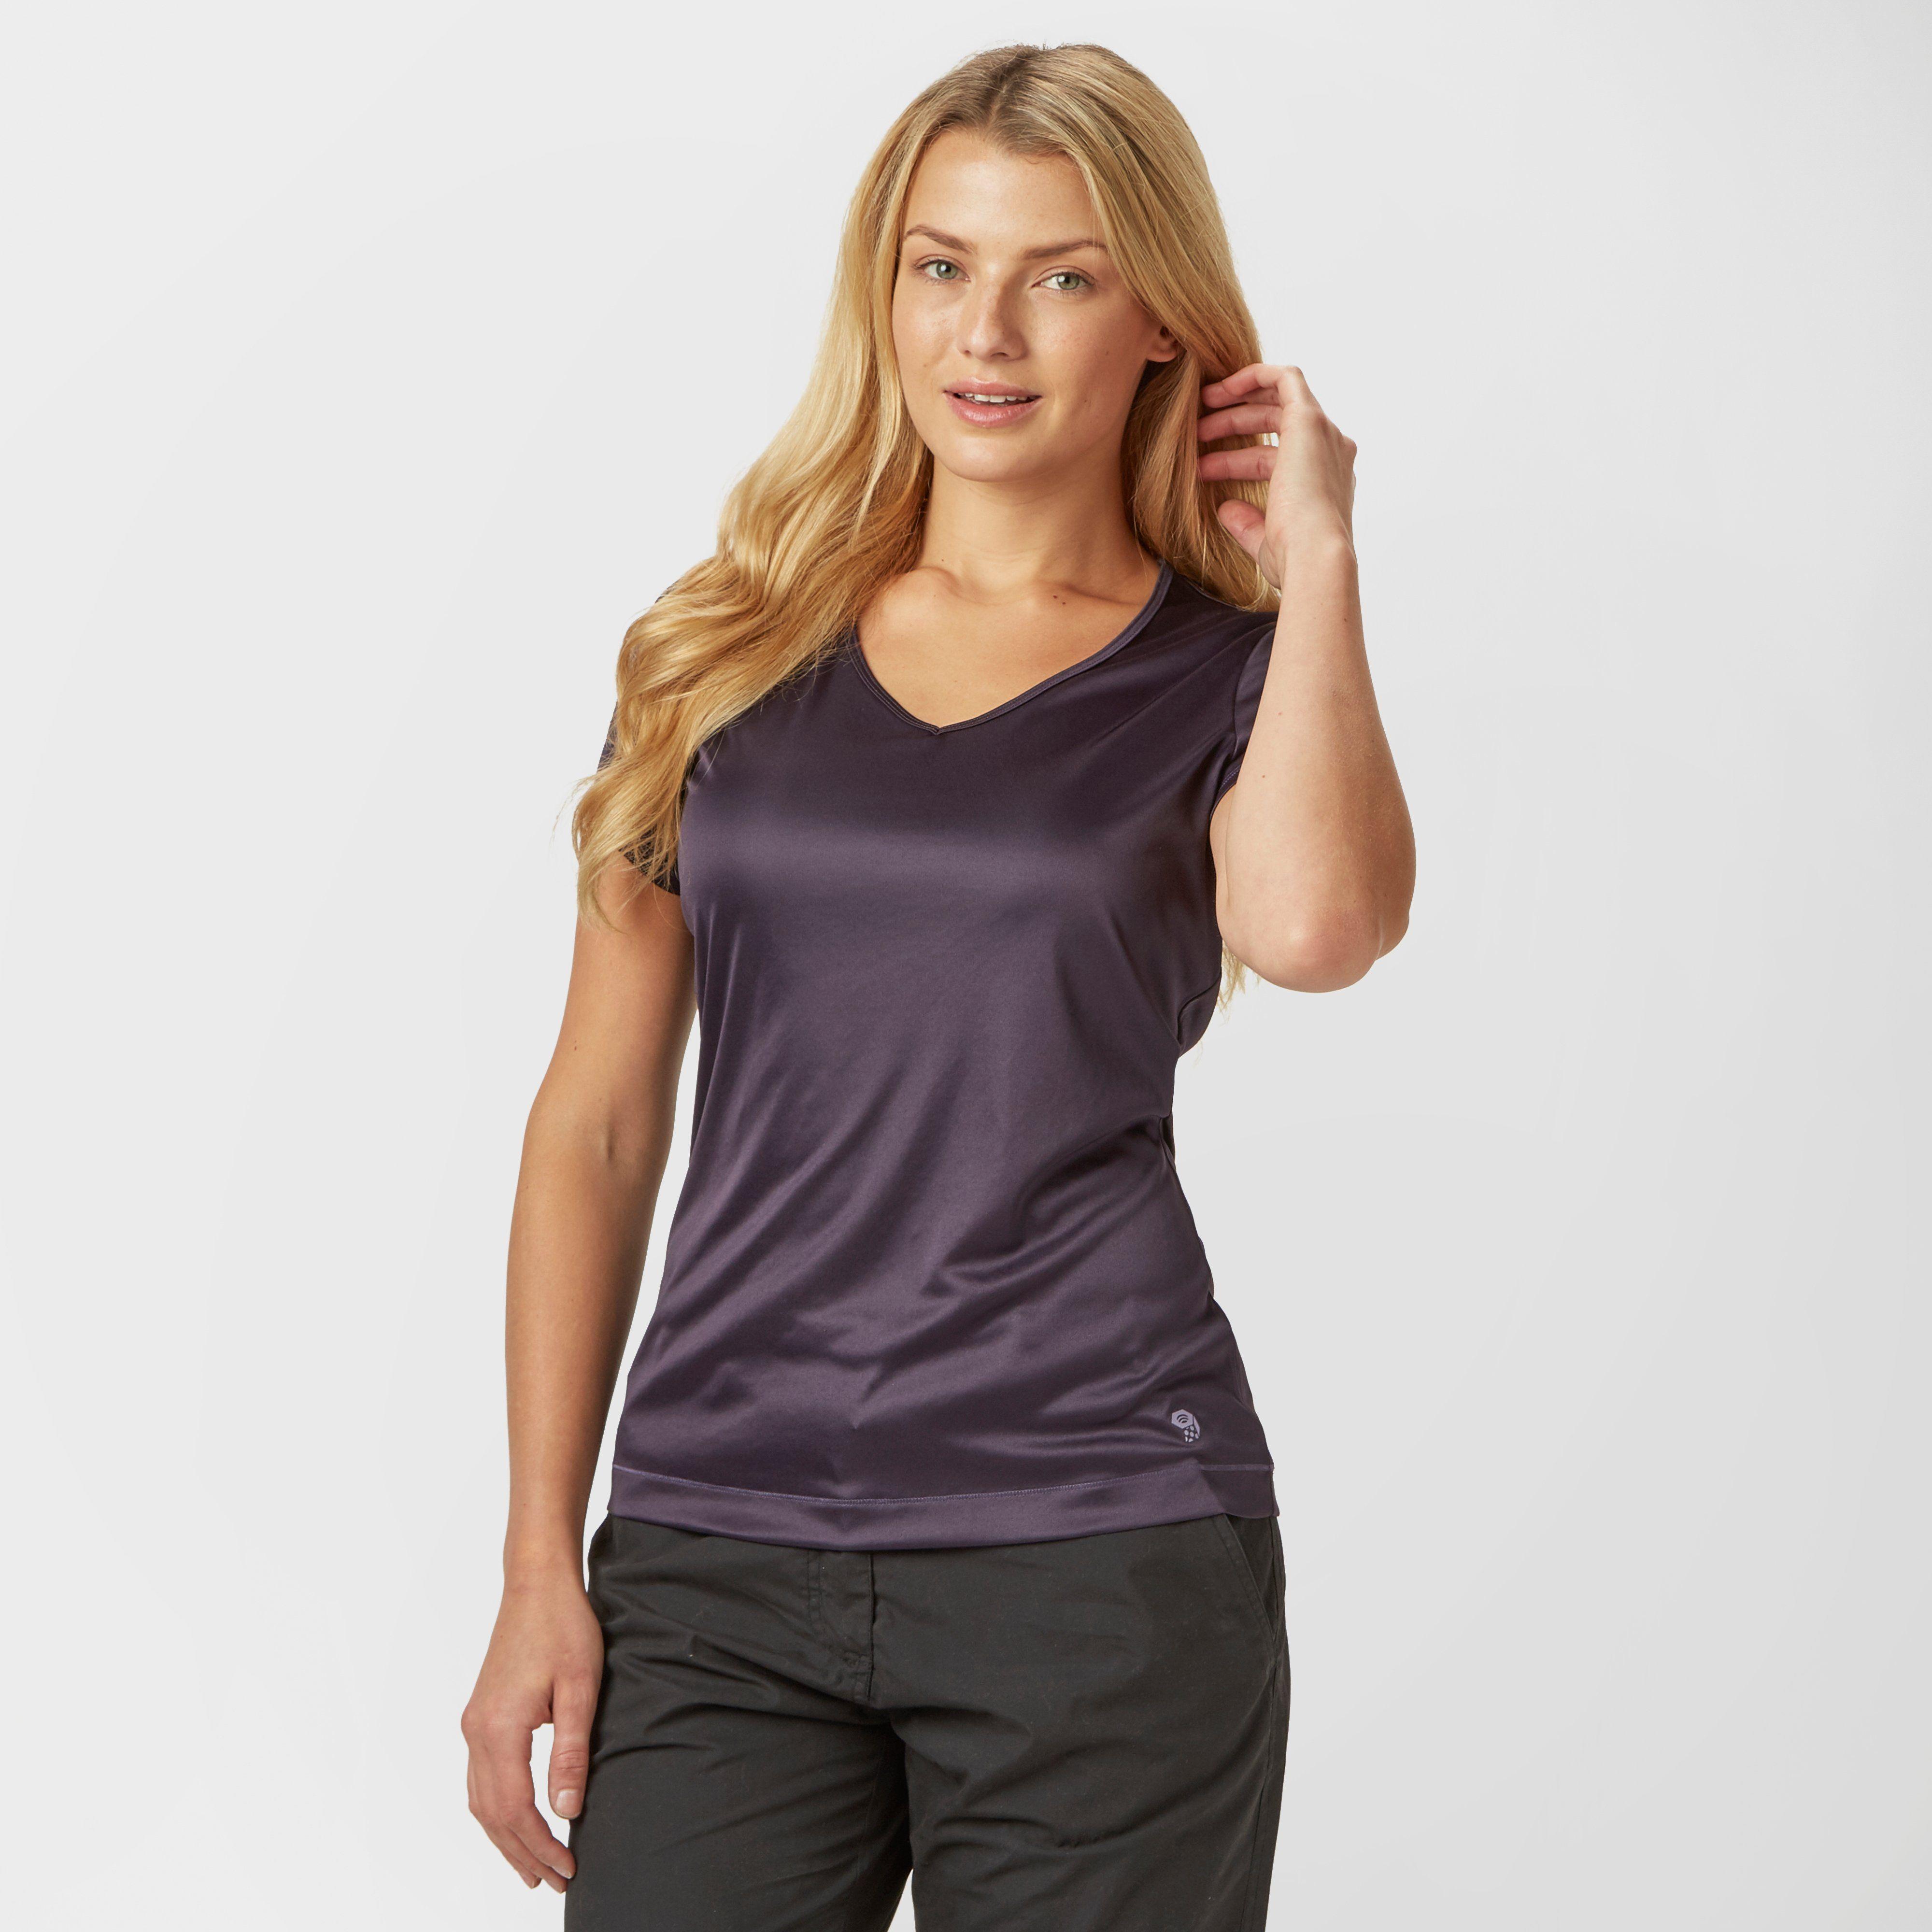 MOUNTAIN HARDWEAR Women's Wicked™ T-Shirt